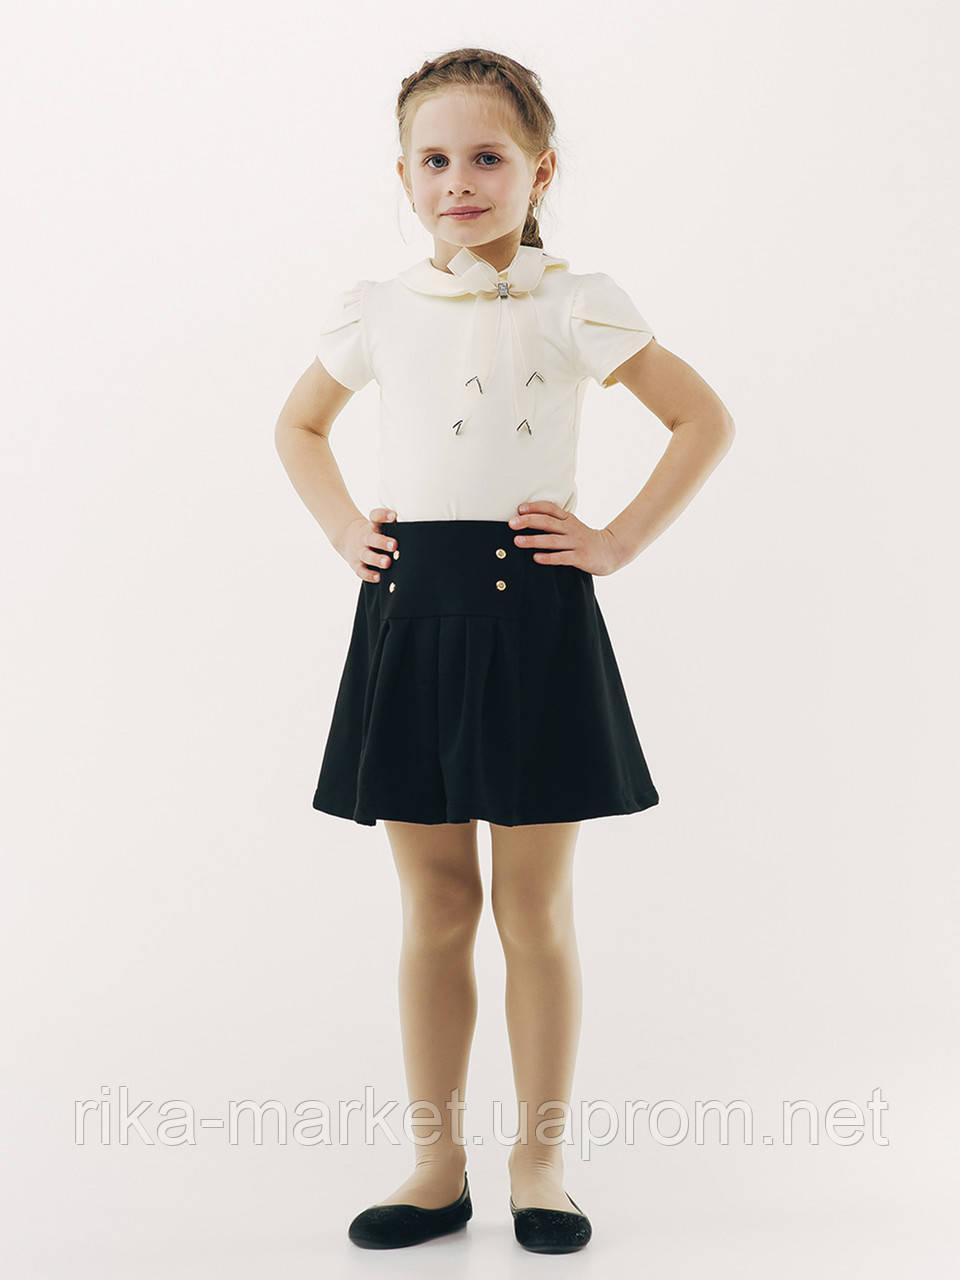 Школьная юбка со складками, ТМ Смил, 120232, возраст 11 - 14 лет